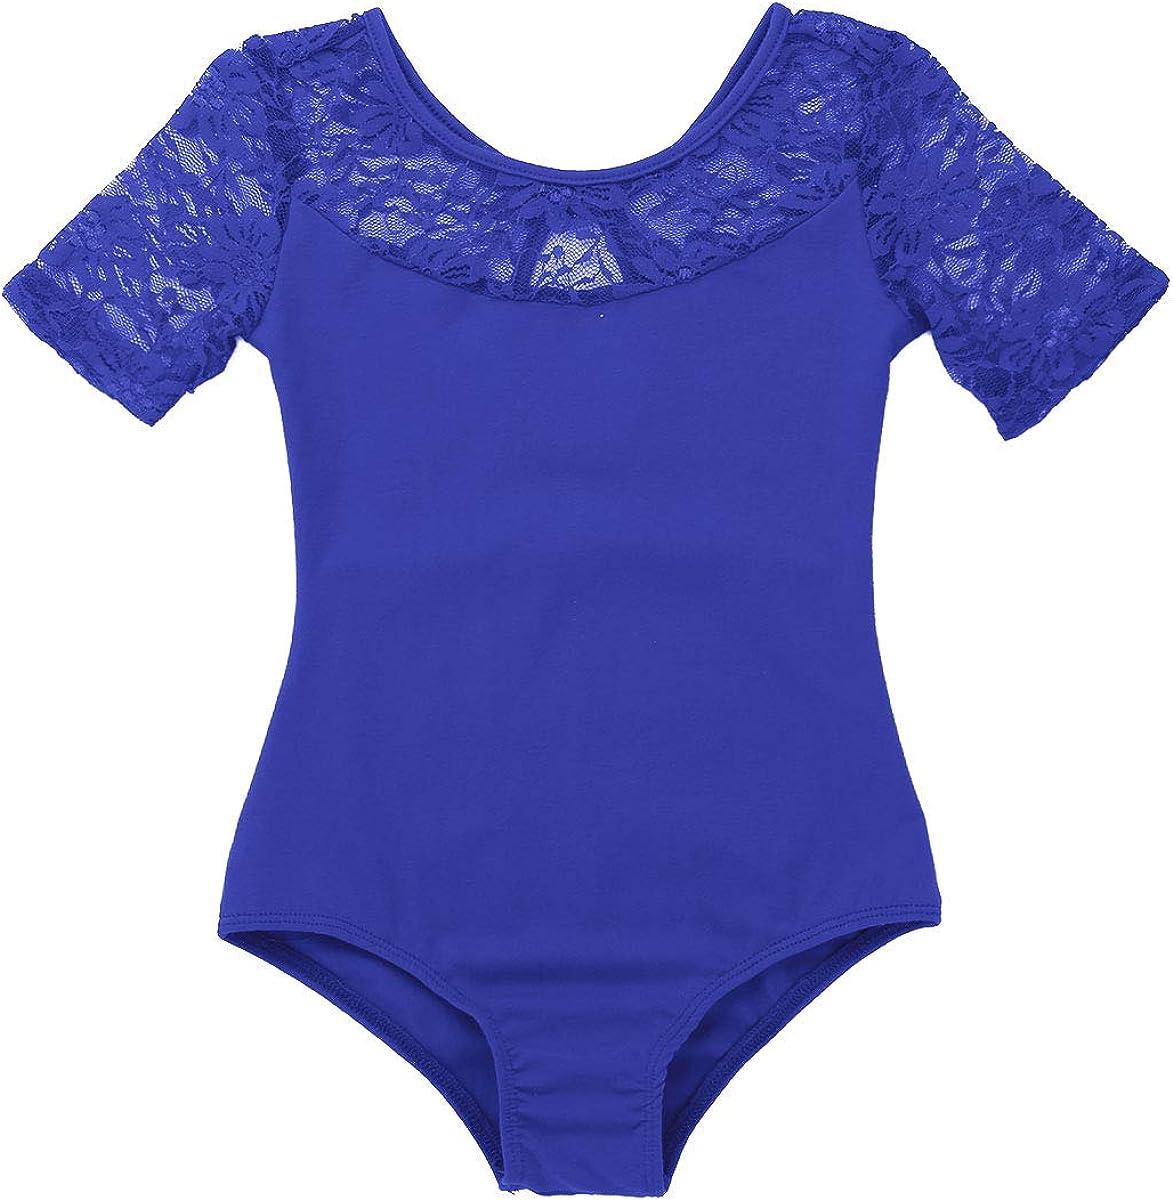 YiZYiF Enfant Fille Justaucorps Danse Ballet Dentelle L/éotard Gymnastique Body Sport Yoga Col Haut Combinaison Bodysuit Patinage Performance Dancewear 5-14 Ans